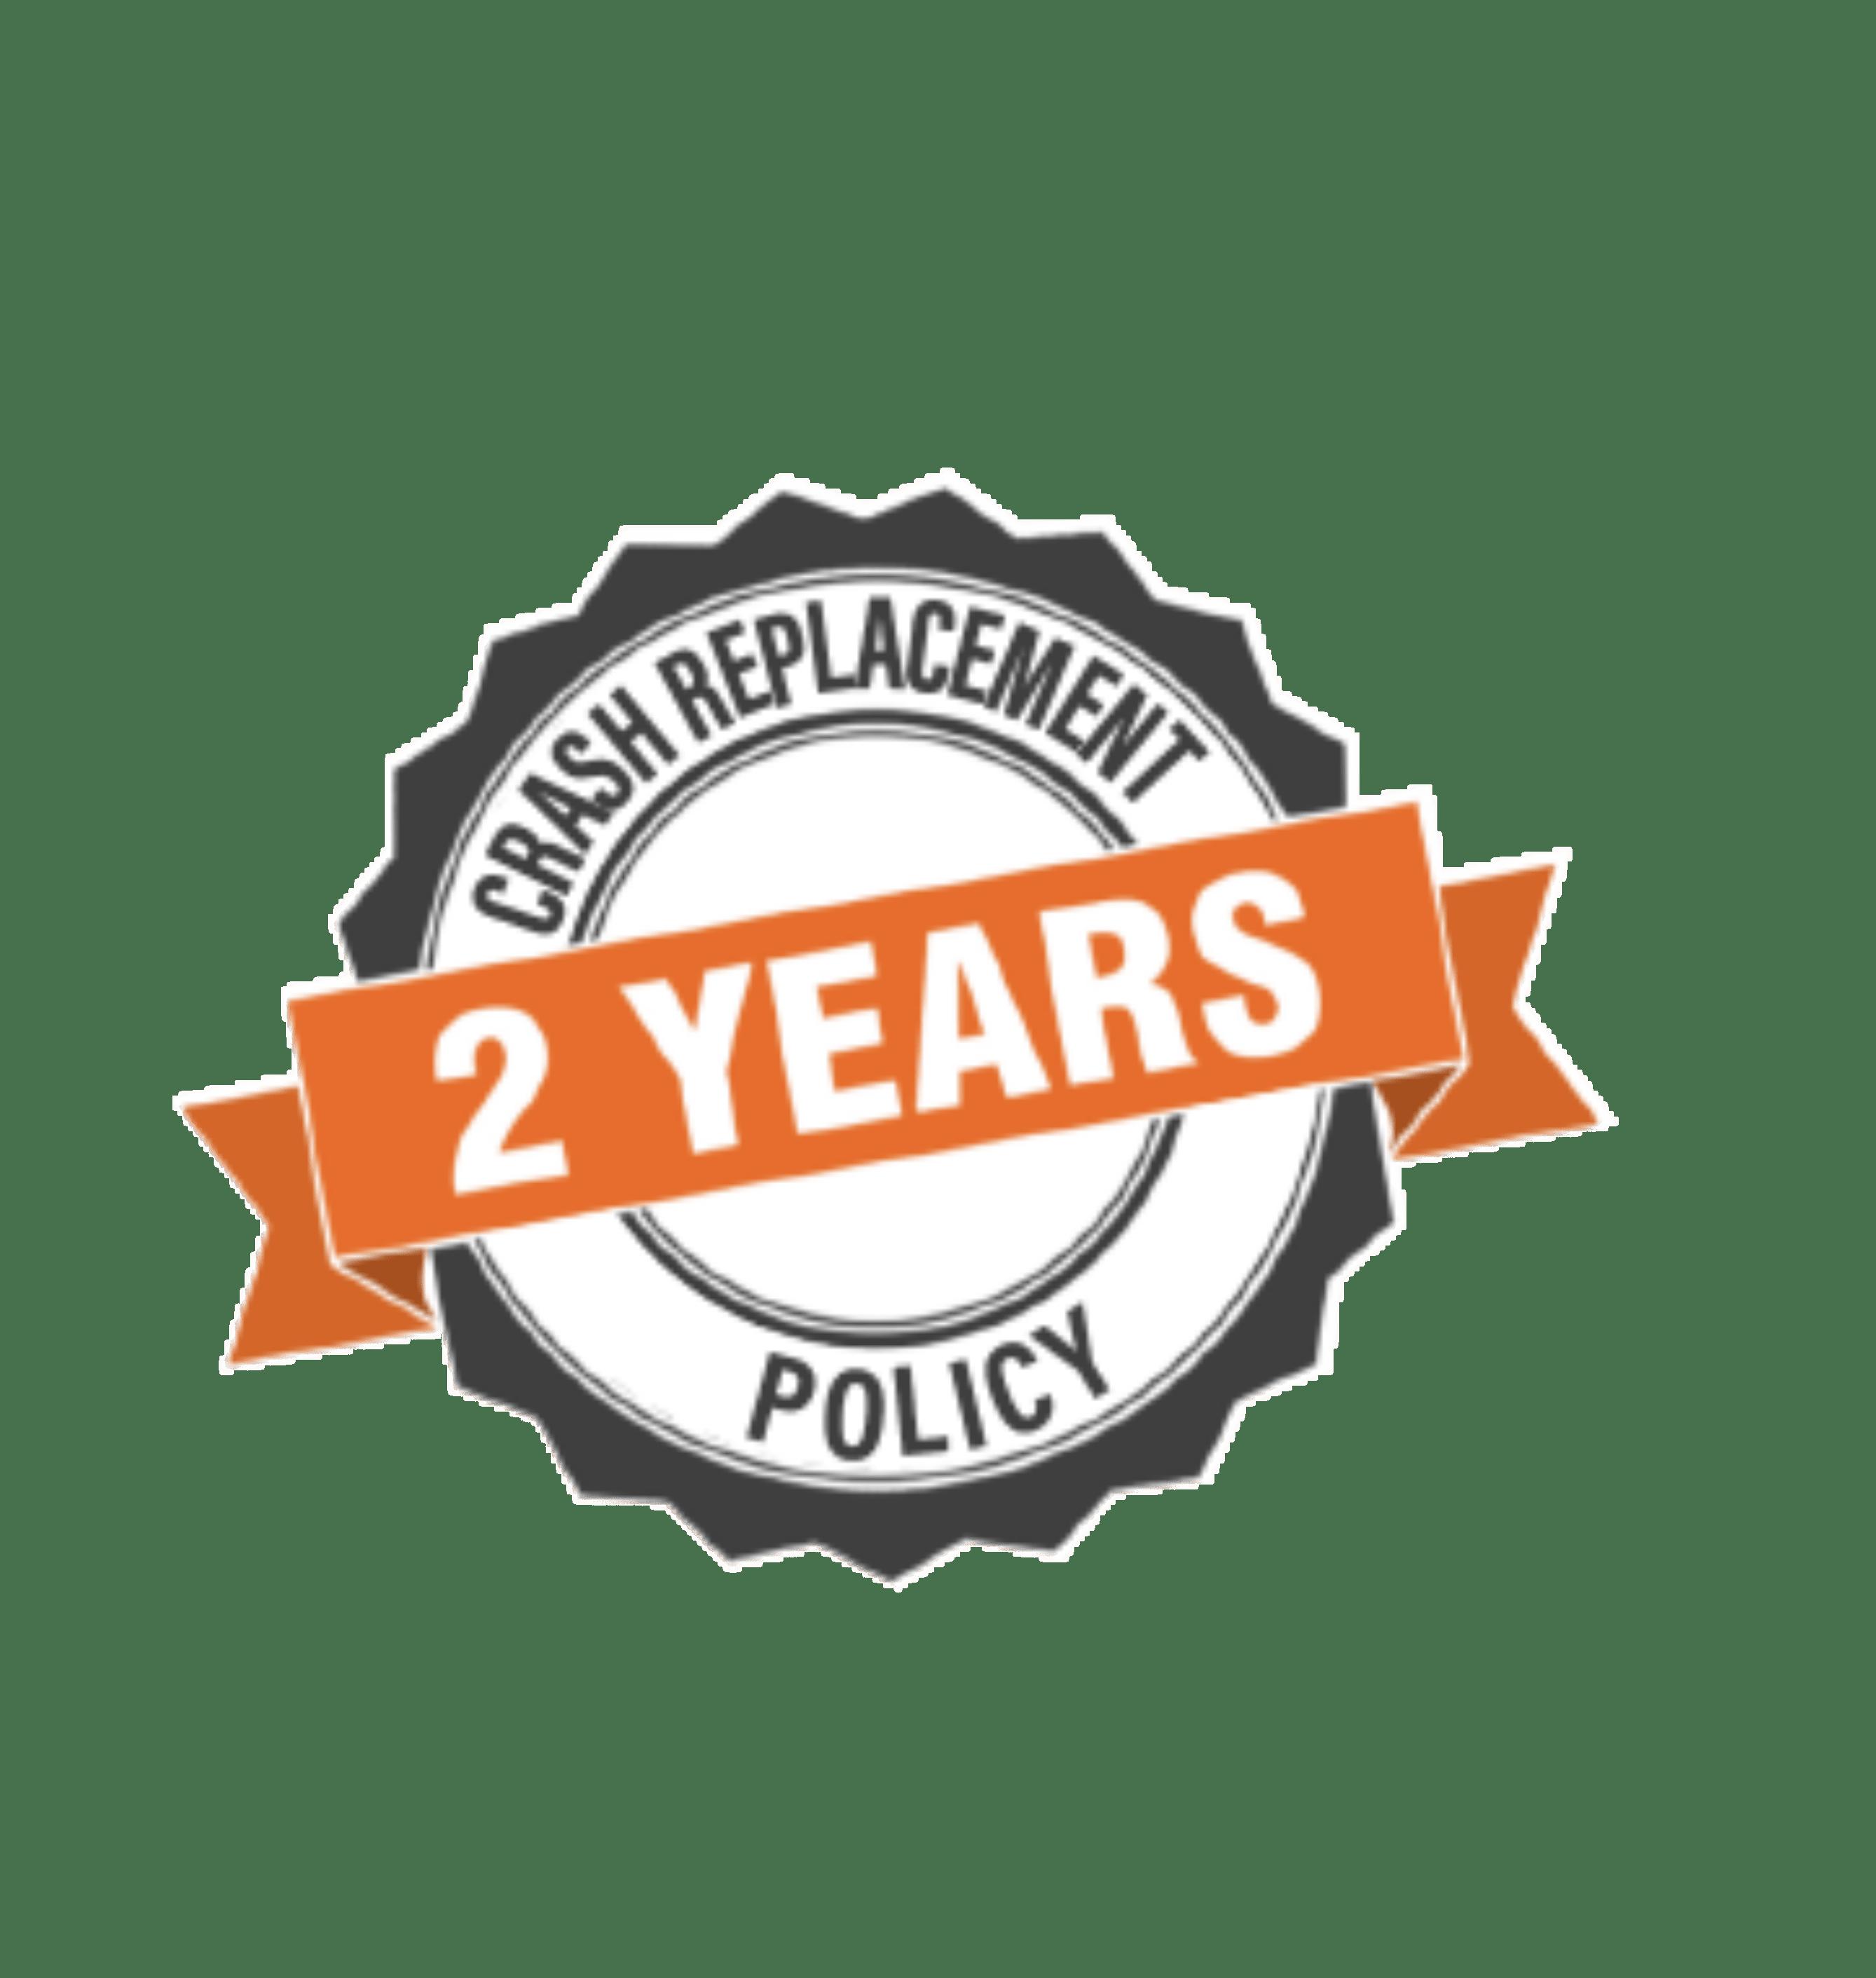 Póliza de reemplazo por accidente de 2 años